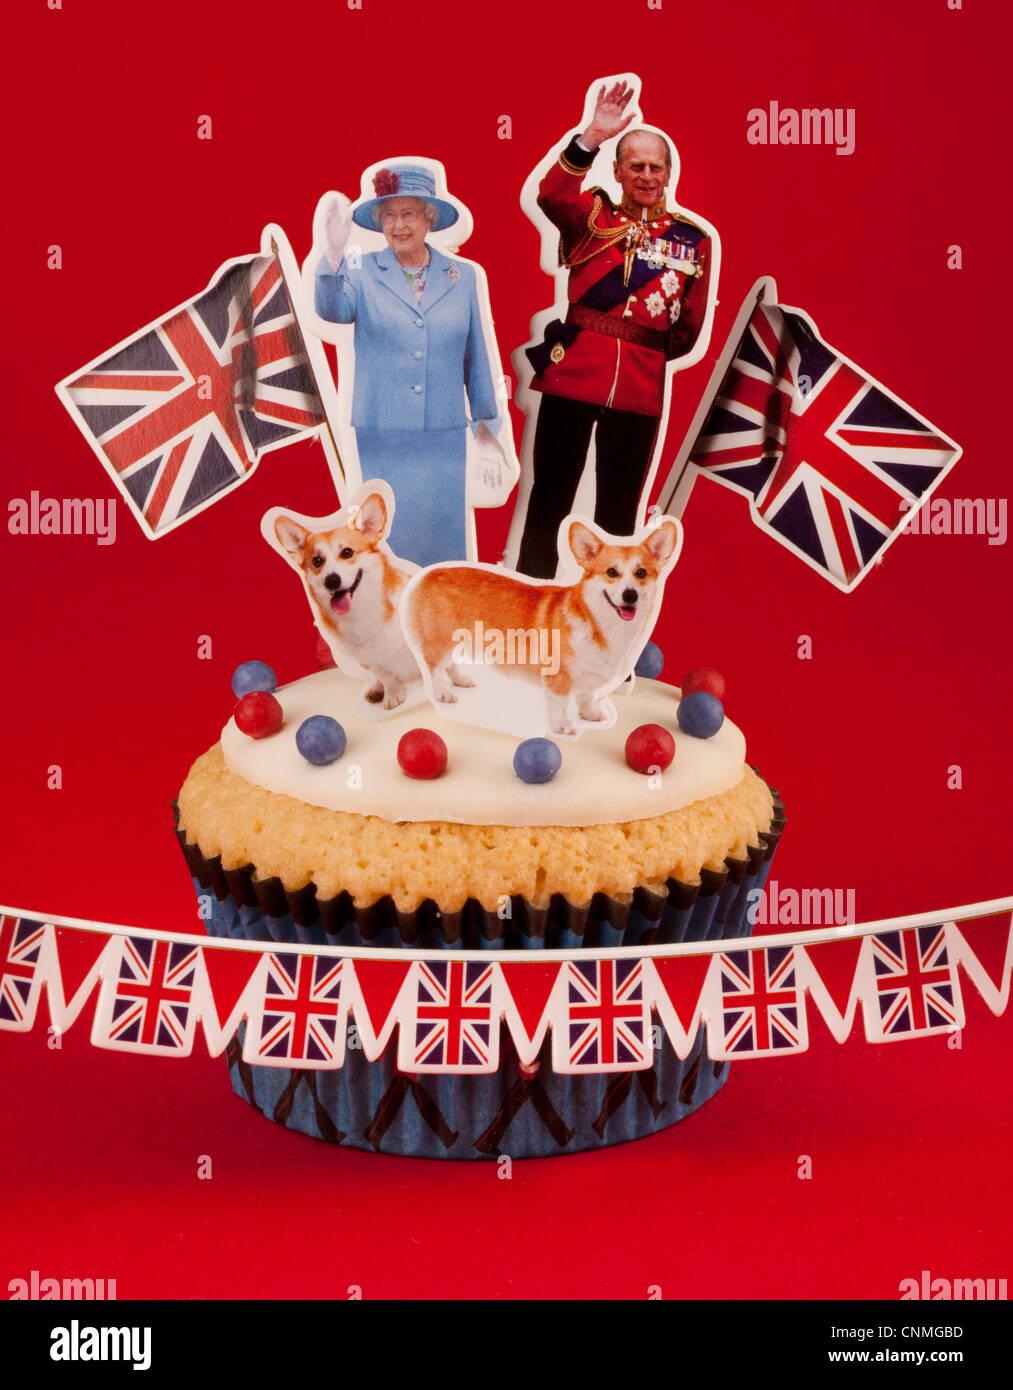 ROYAL BRITISH CELEBRAZIONE CUPCAKE Foto Stock